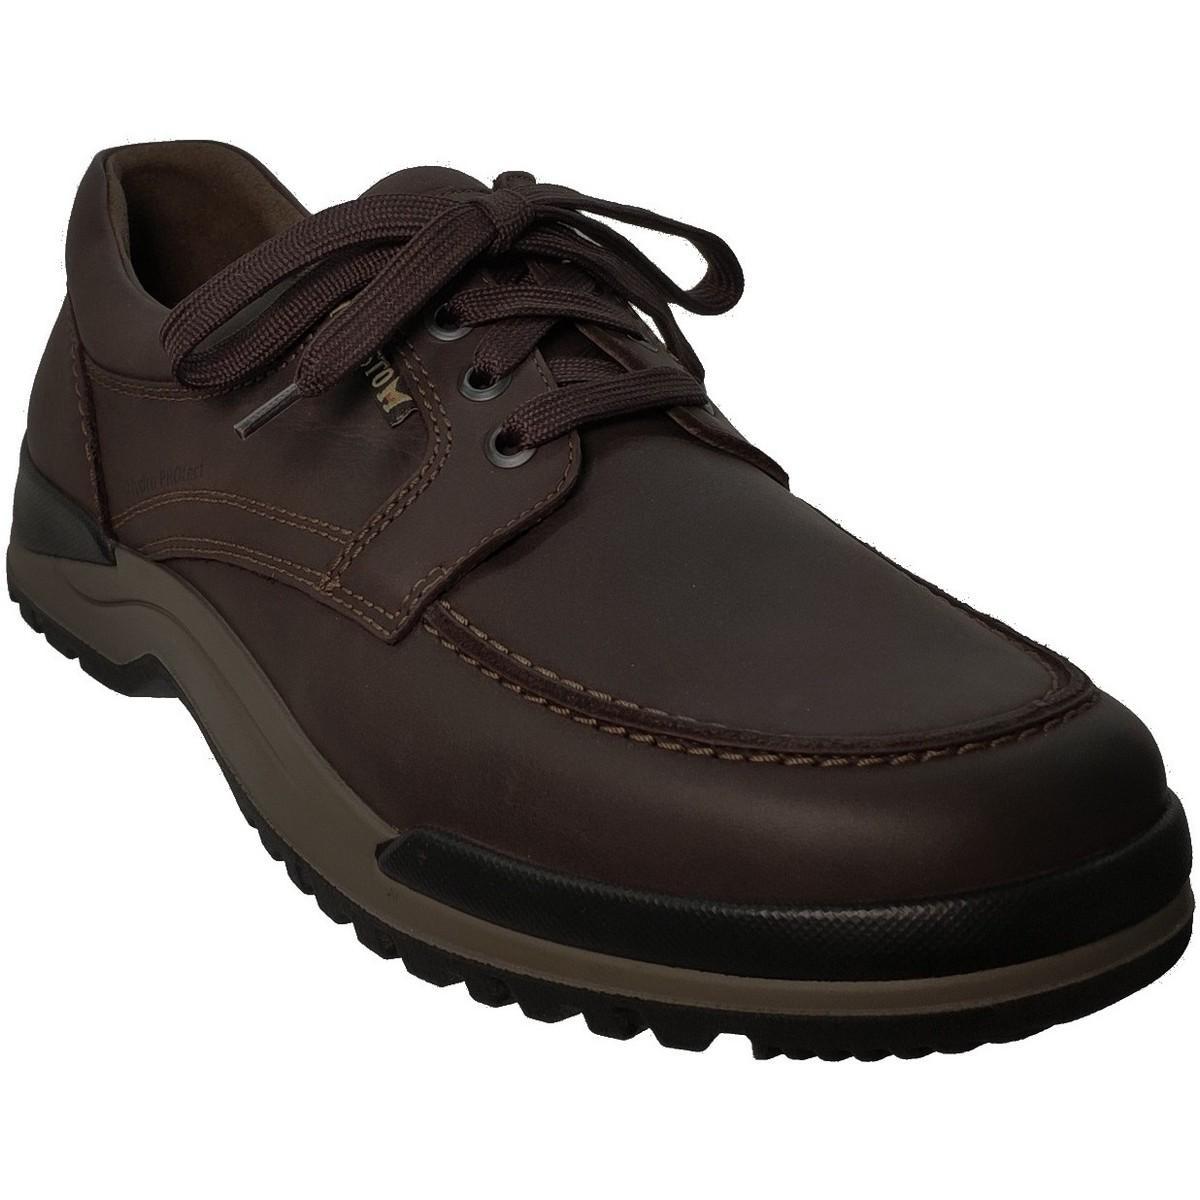 f3d51e7e6b5 Lyst - CHARLES hommes Chaussures en Marron Mephisto pour homme en ...